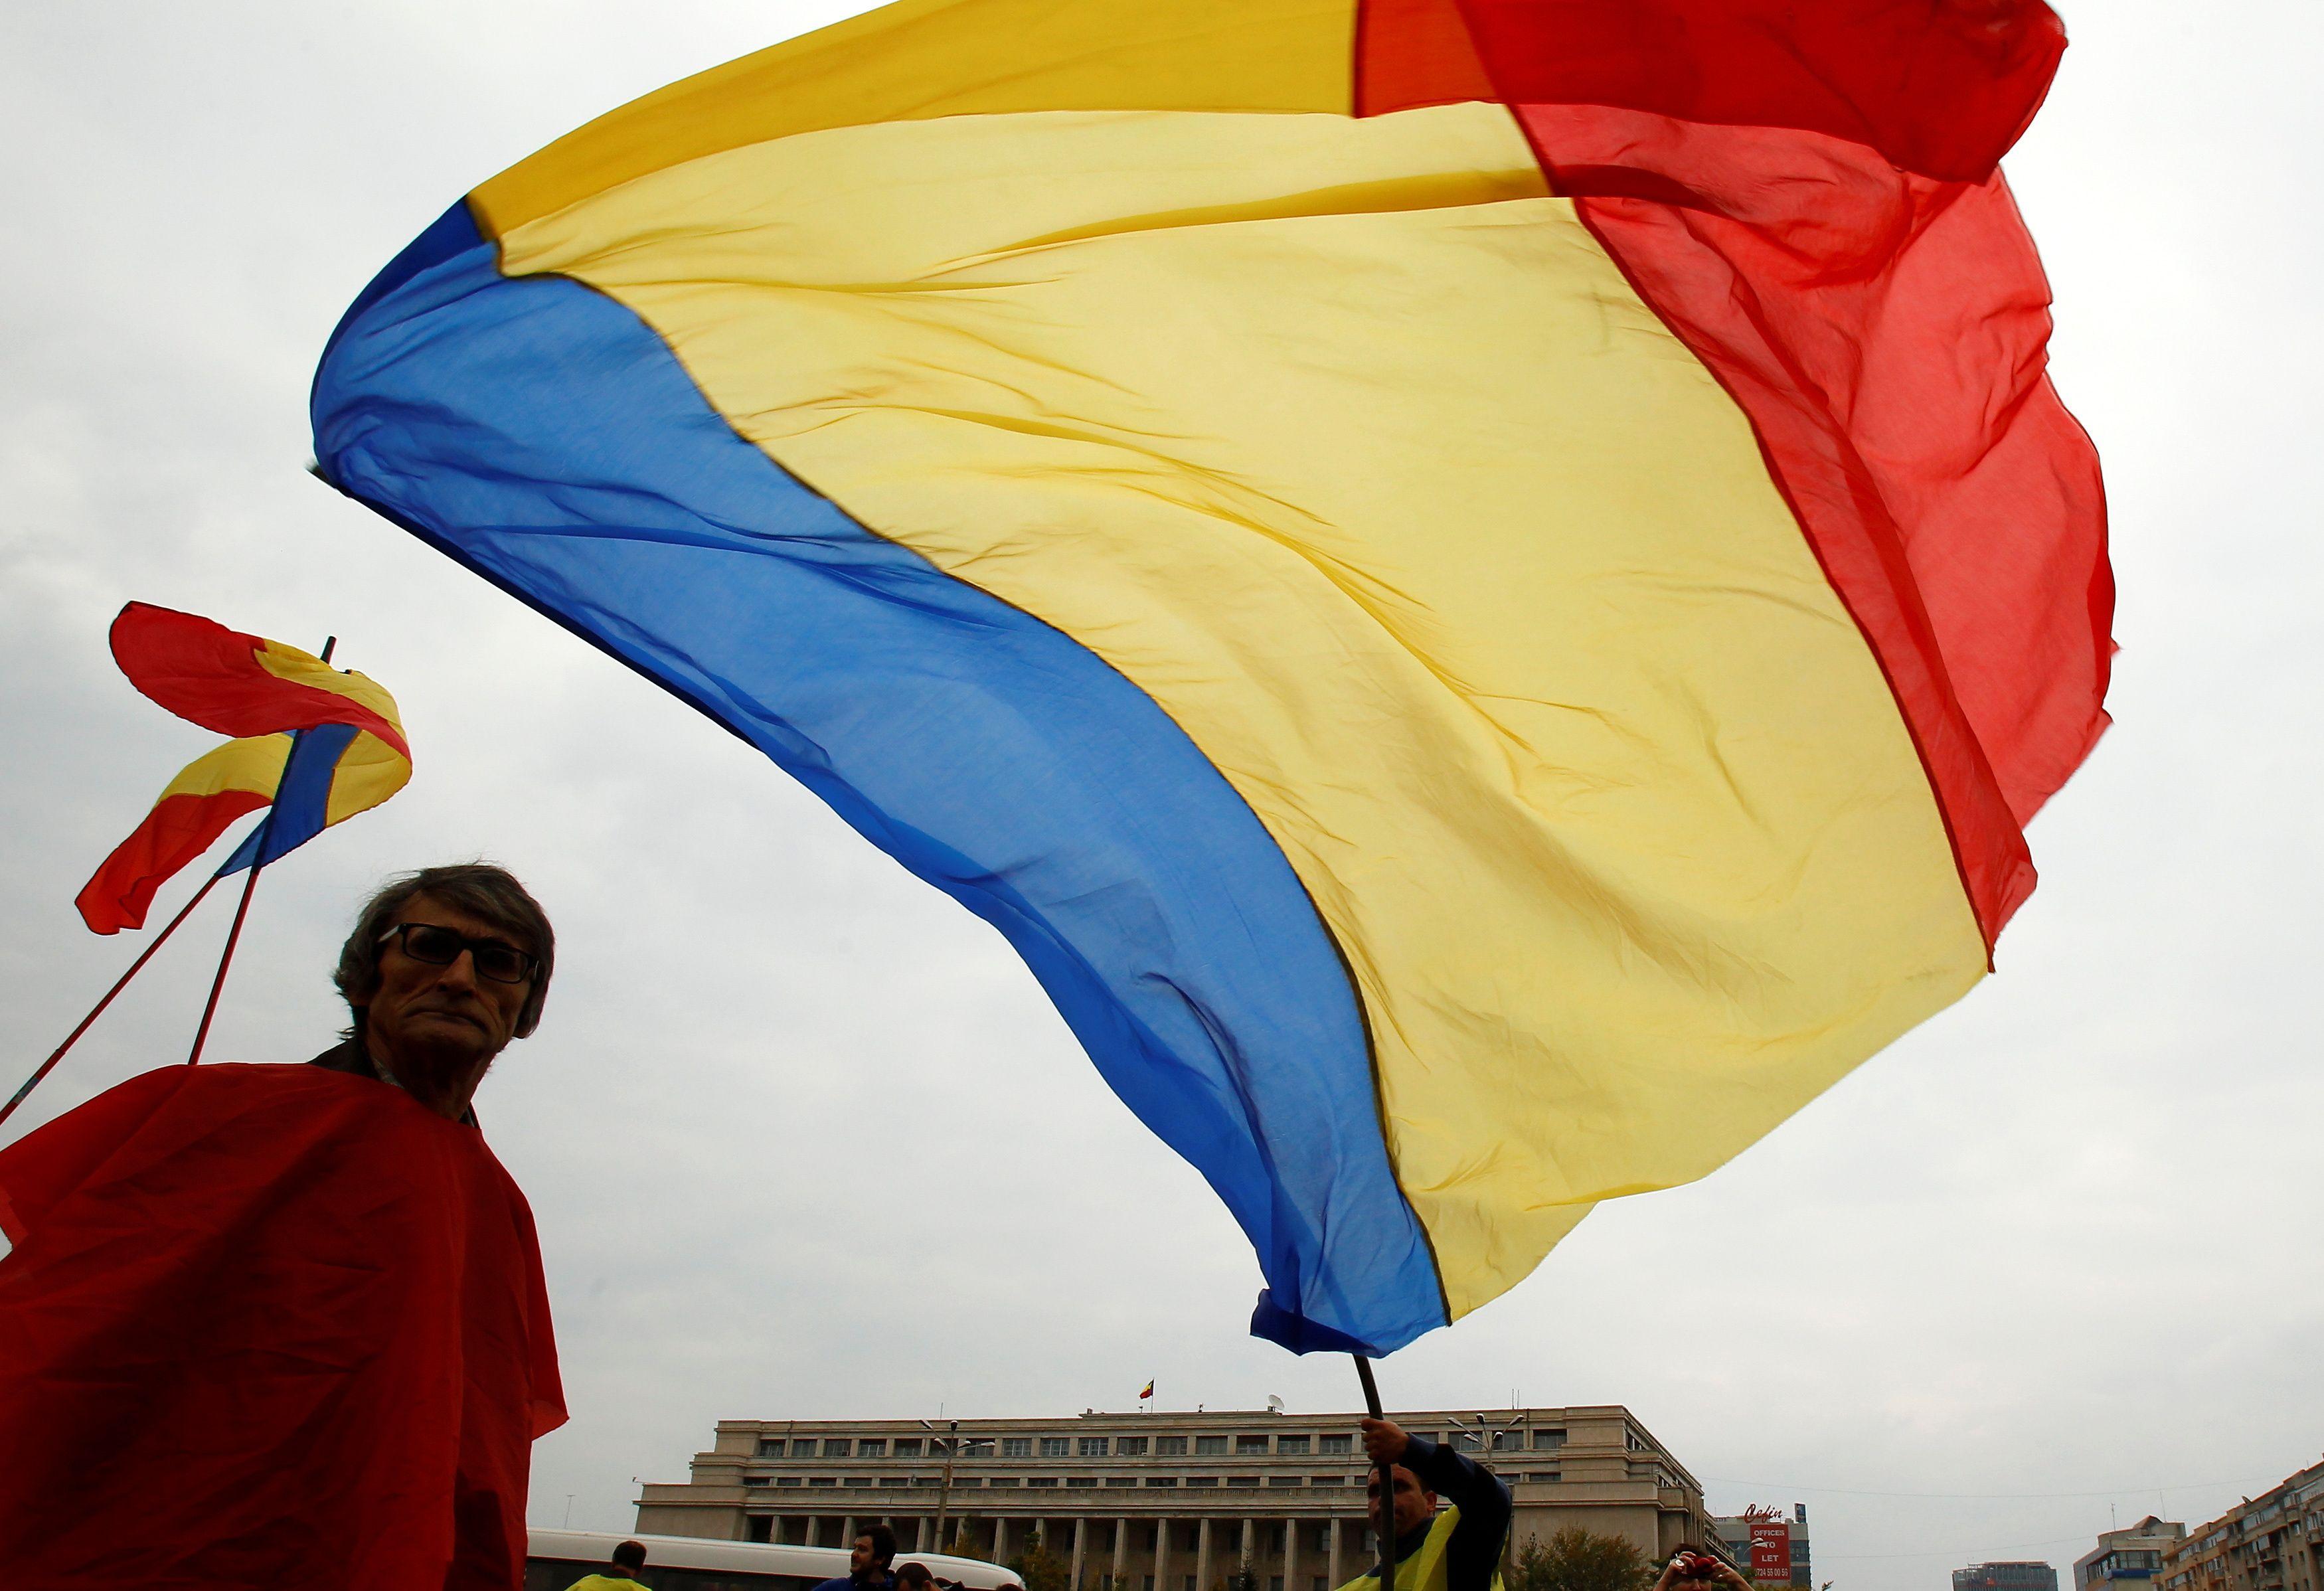 โรมาเนีย - ธง - รอยเตอร์ส